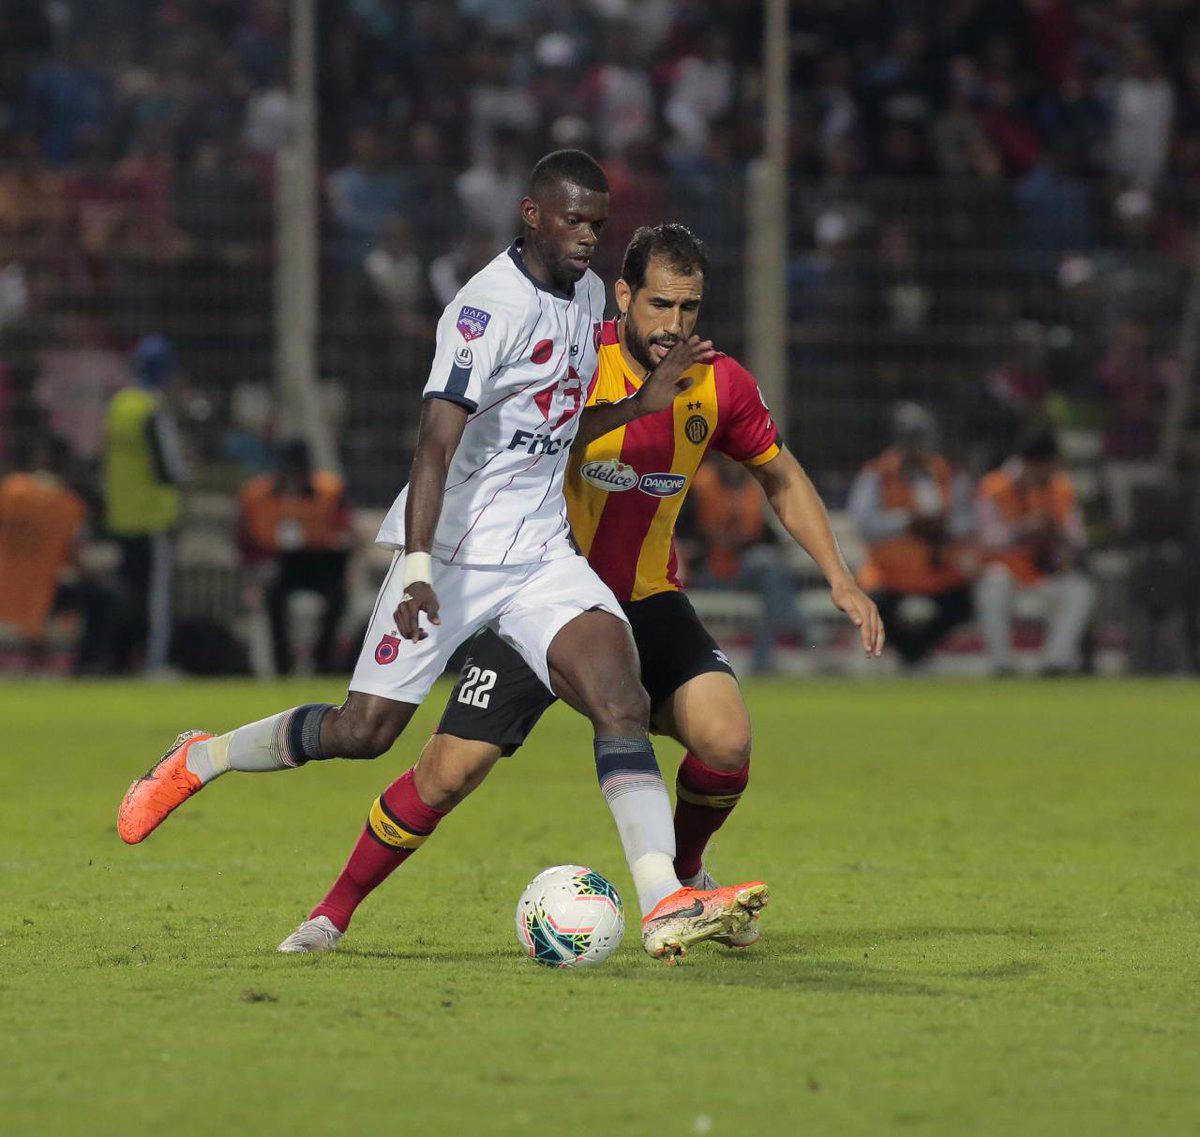 كأس محمد السادس للأبطال: صاروخية مرابيط منحت تعادل القرش أمام الترجي